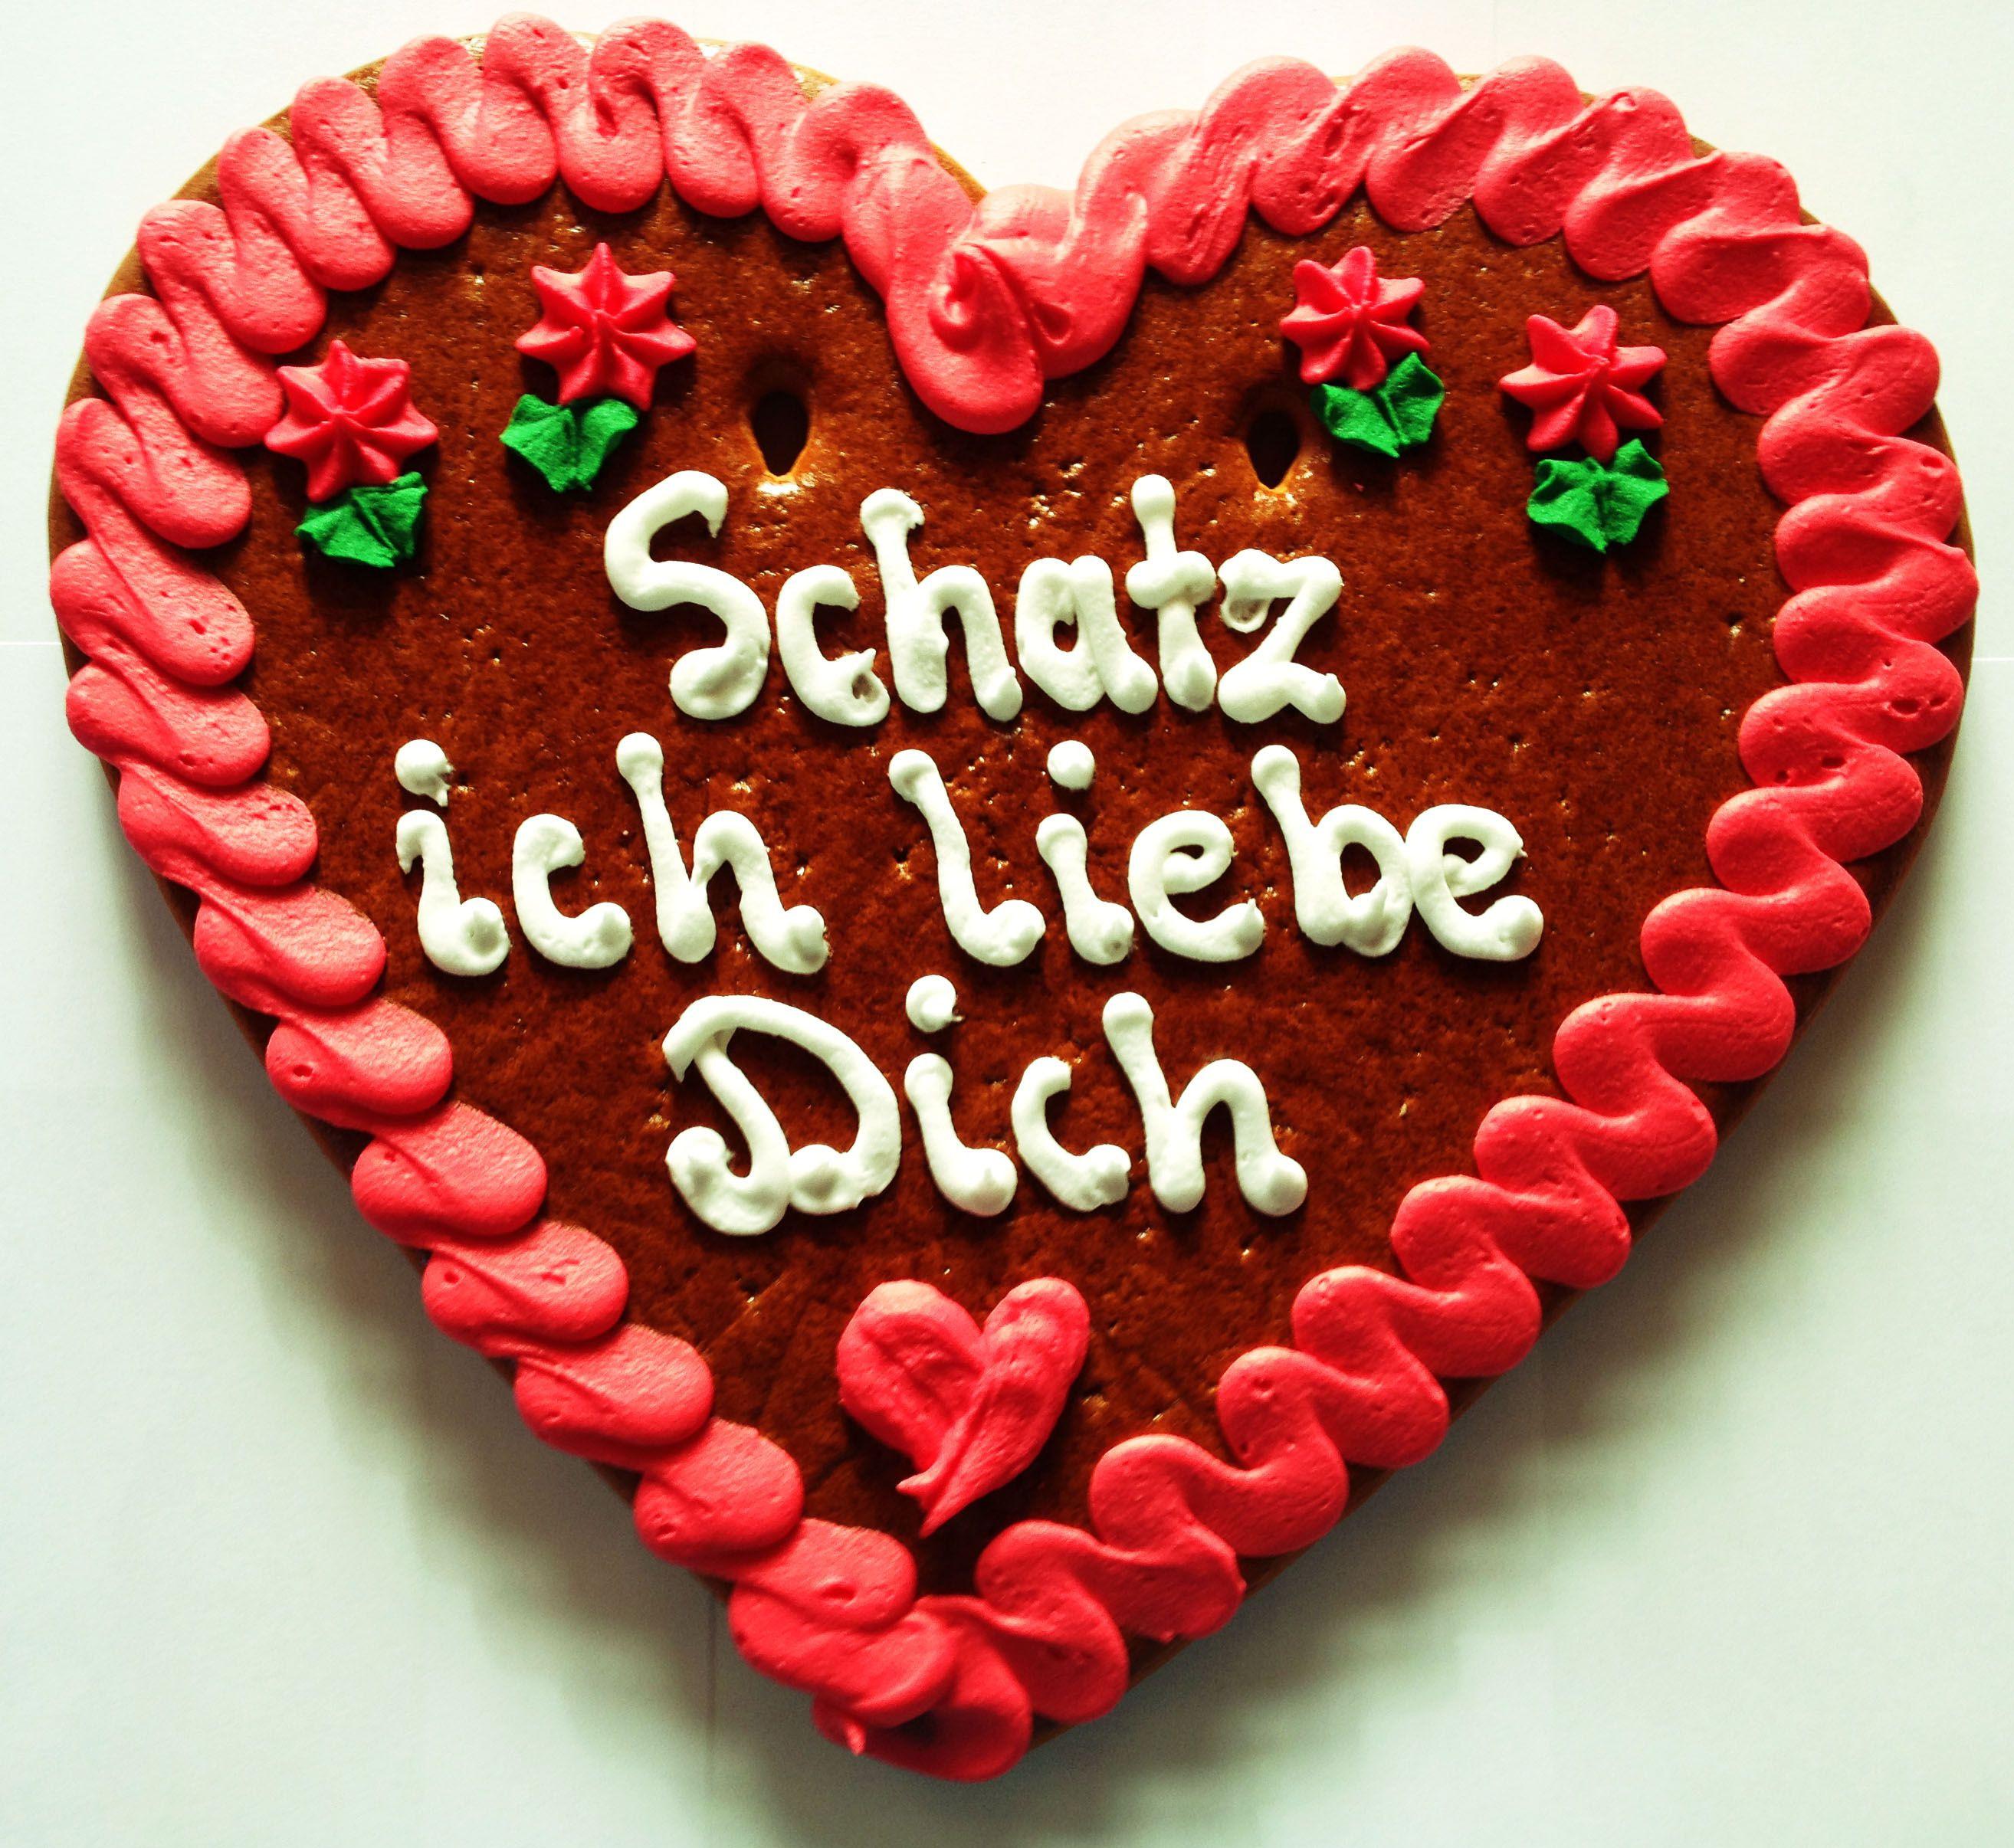 Geburtstagswünsche Für Mein Schatz  Alles Gute Zum Geburtstag Mein Schatz Bilder